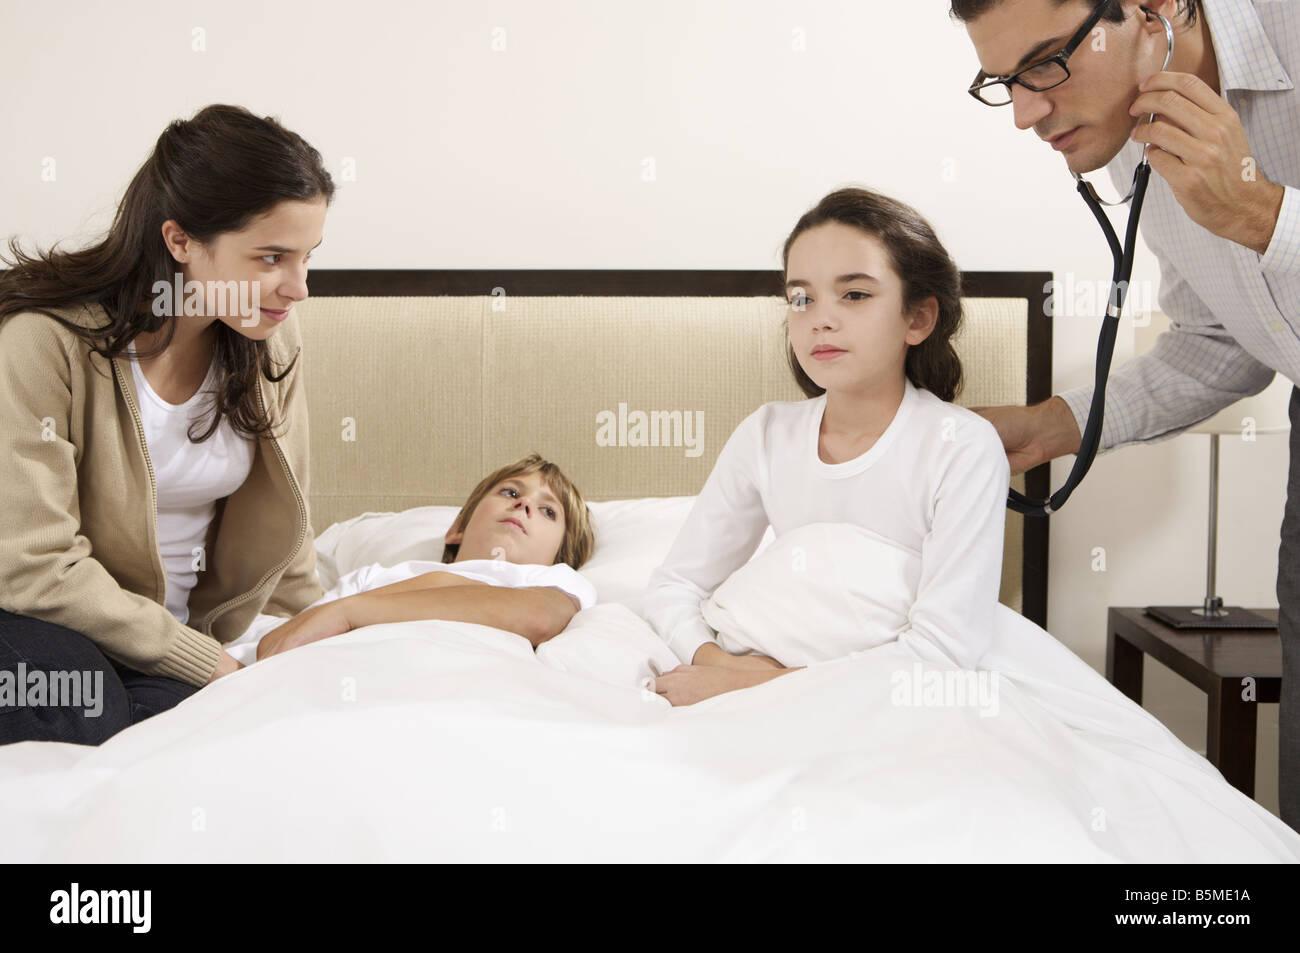 Un médecin l'examen de deux enfants au lit Banque D'Images